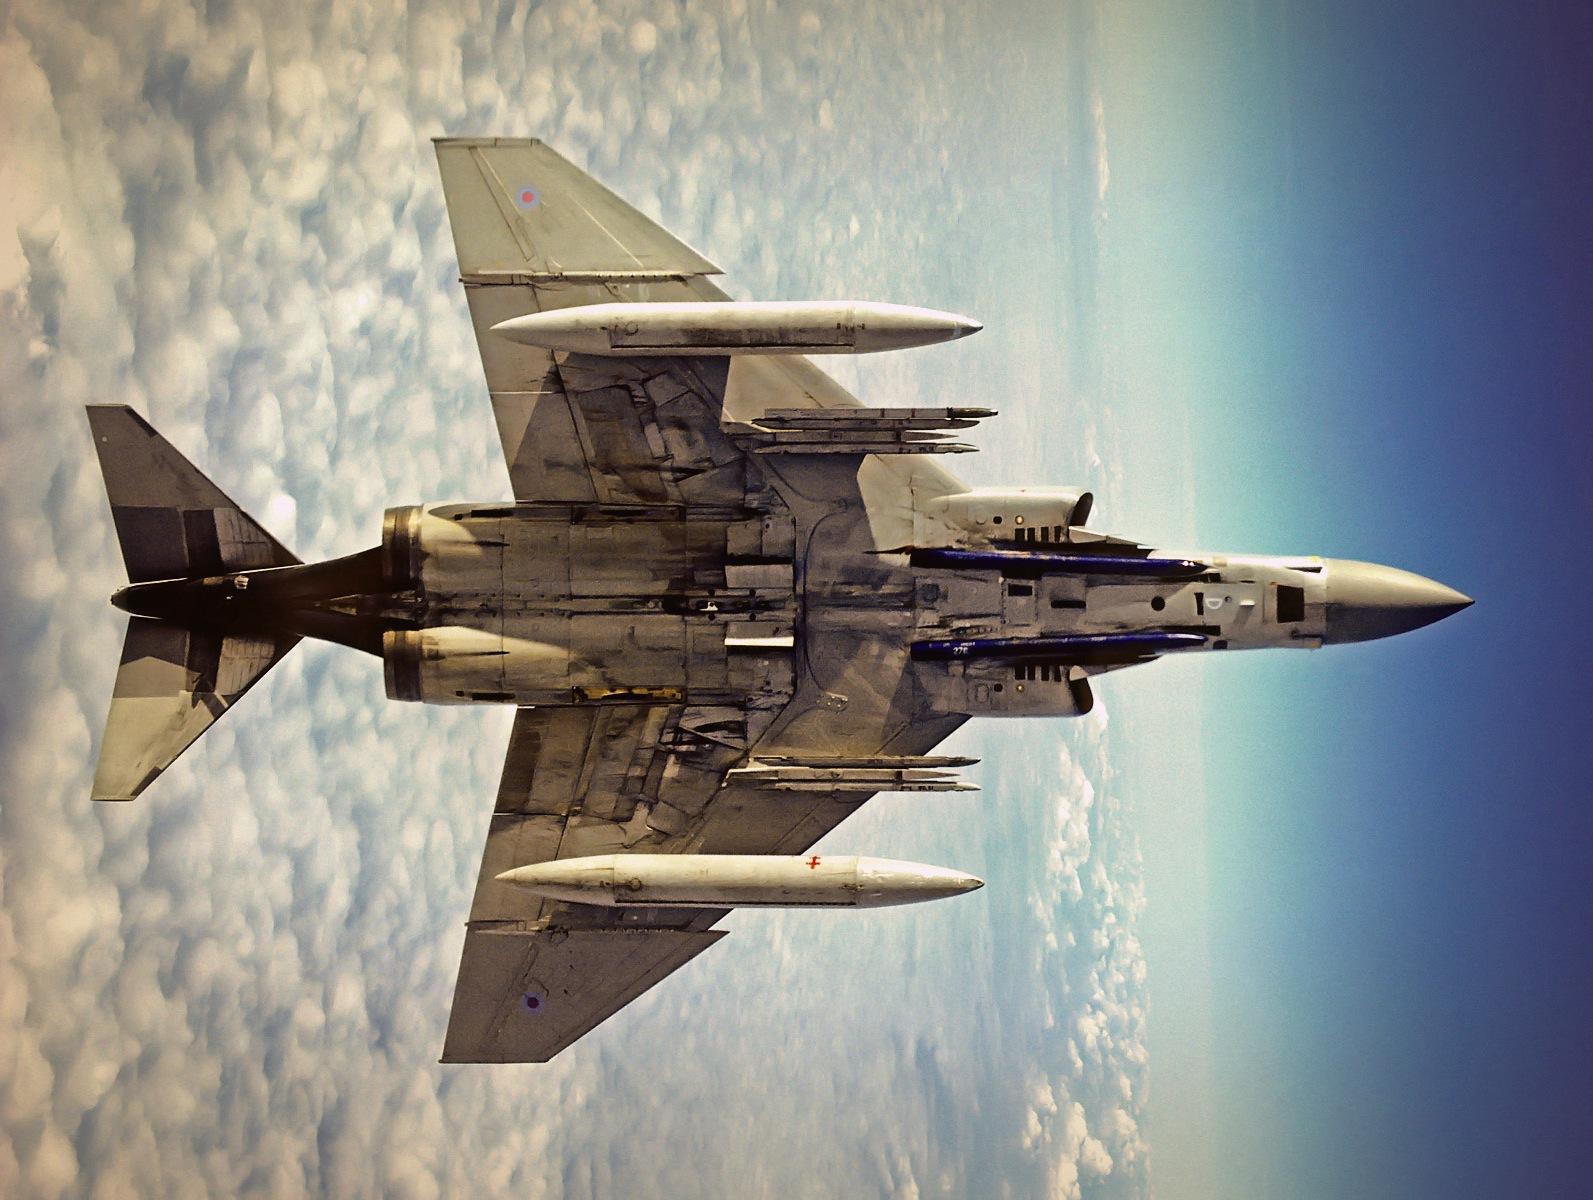 'Este F 4 Phantom II de la RAF tiene los mismos problemas con el gris de su superficie inferior; funciona aceptablemente contra el fondo de nubes pero no muy bien contra el azul. Al menos han reducido el tamaño de las escarapelas. Fuente: https://simotronfiles.wordpress.com